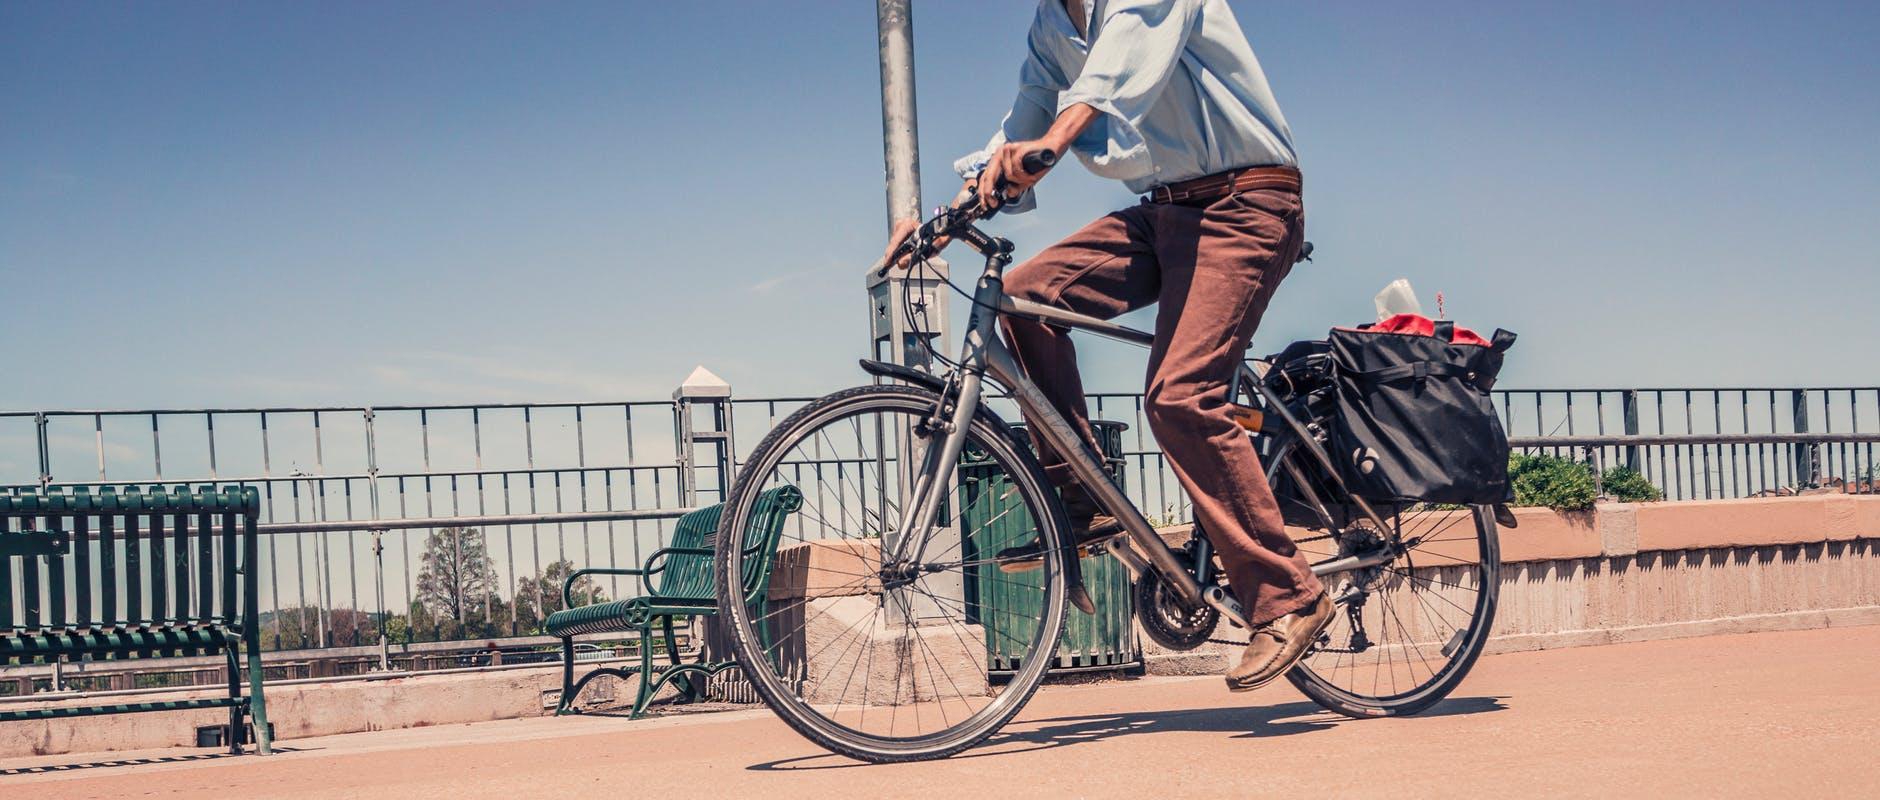 poster image 10 raisons d'aller au boulot à vélo dès aujourd'hui. Plus de tracas pour pannes d'essences. - 10 raisons d'aller au boulot à vélo dès aujourd'hui.